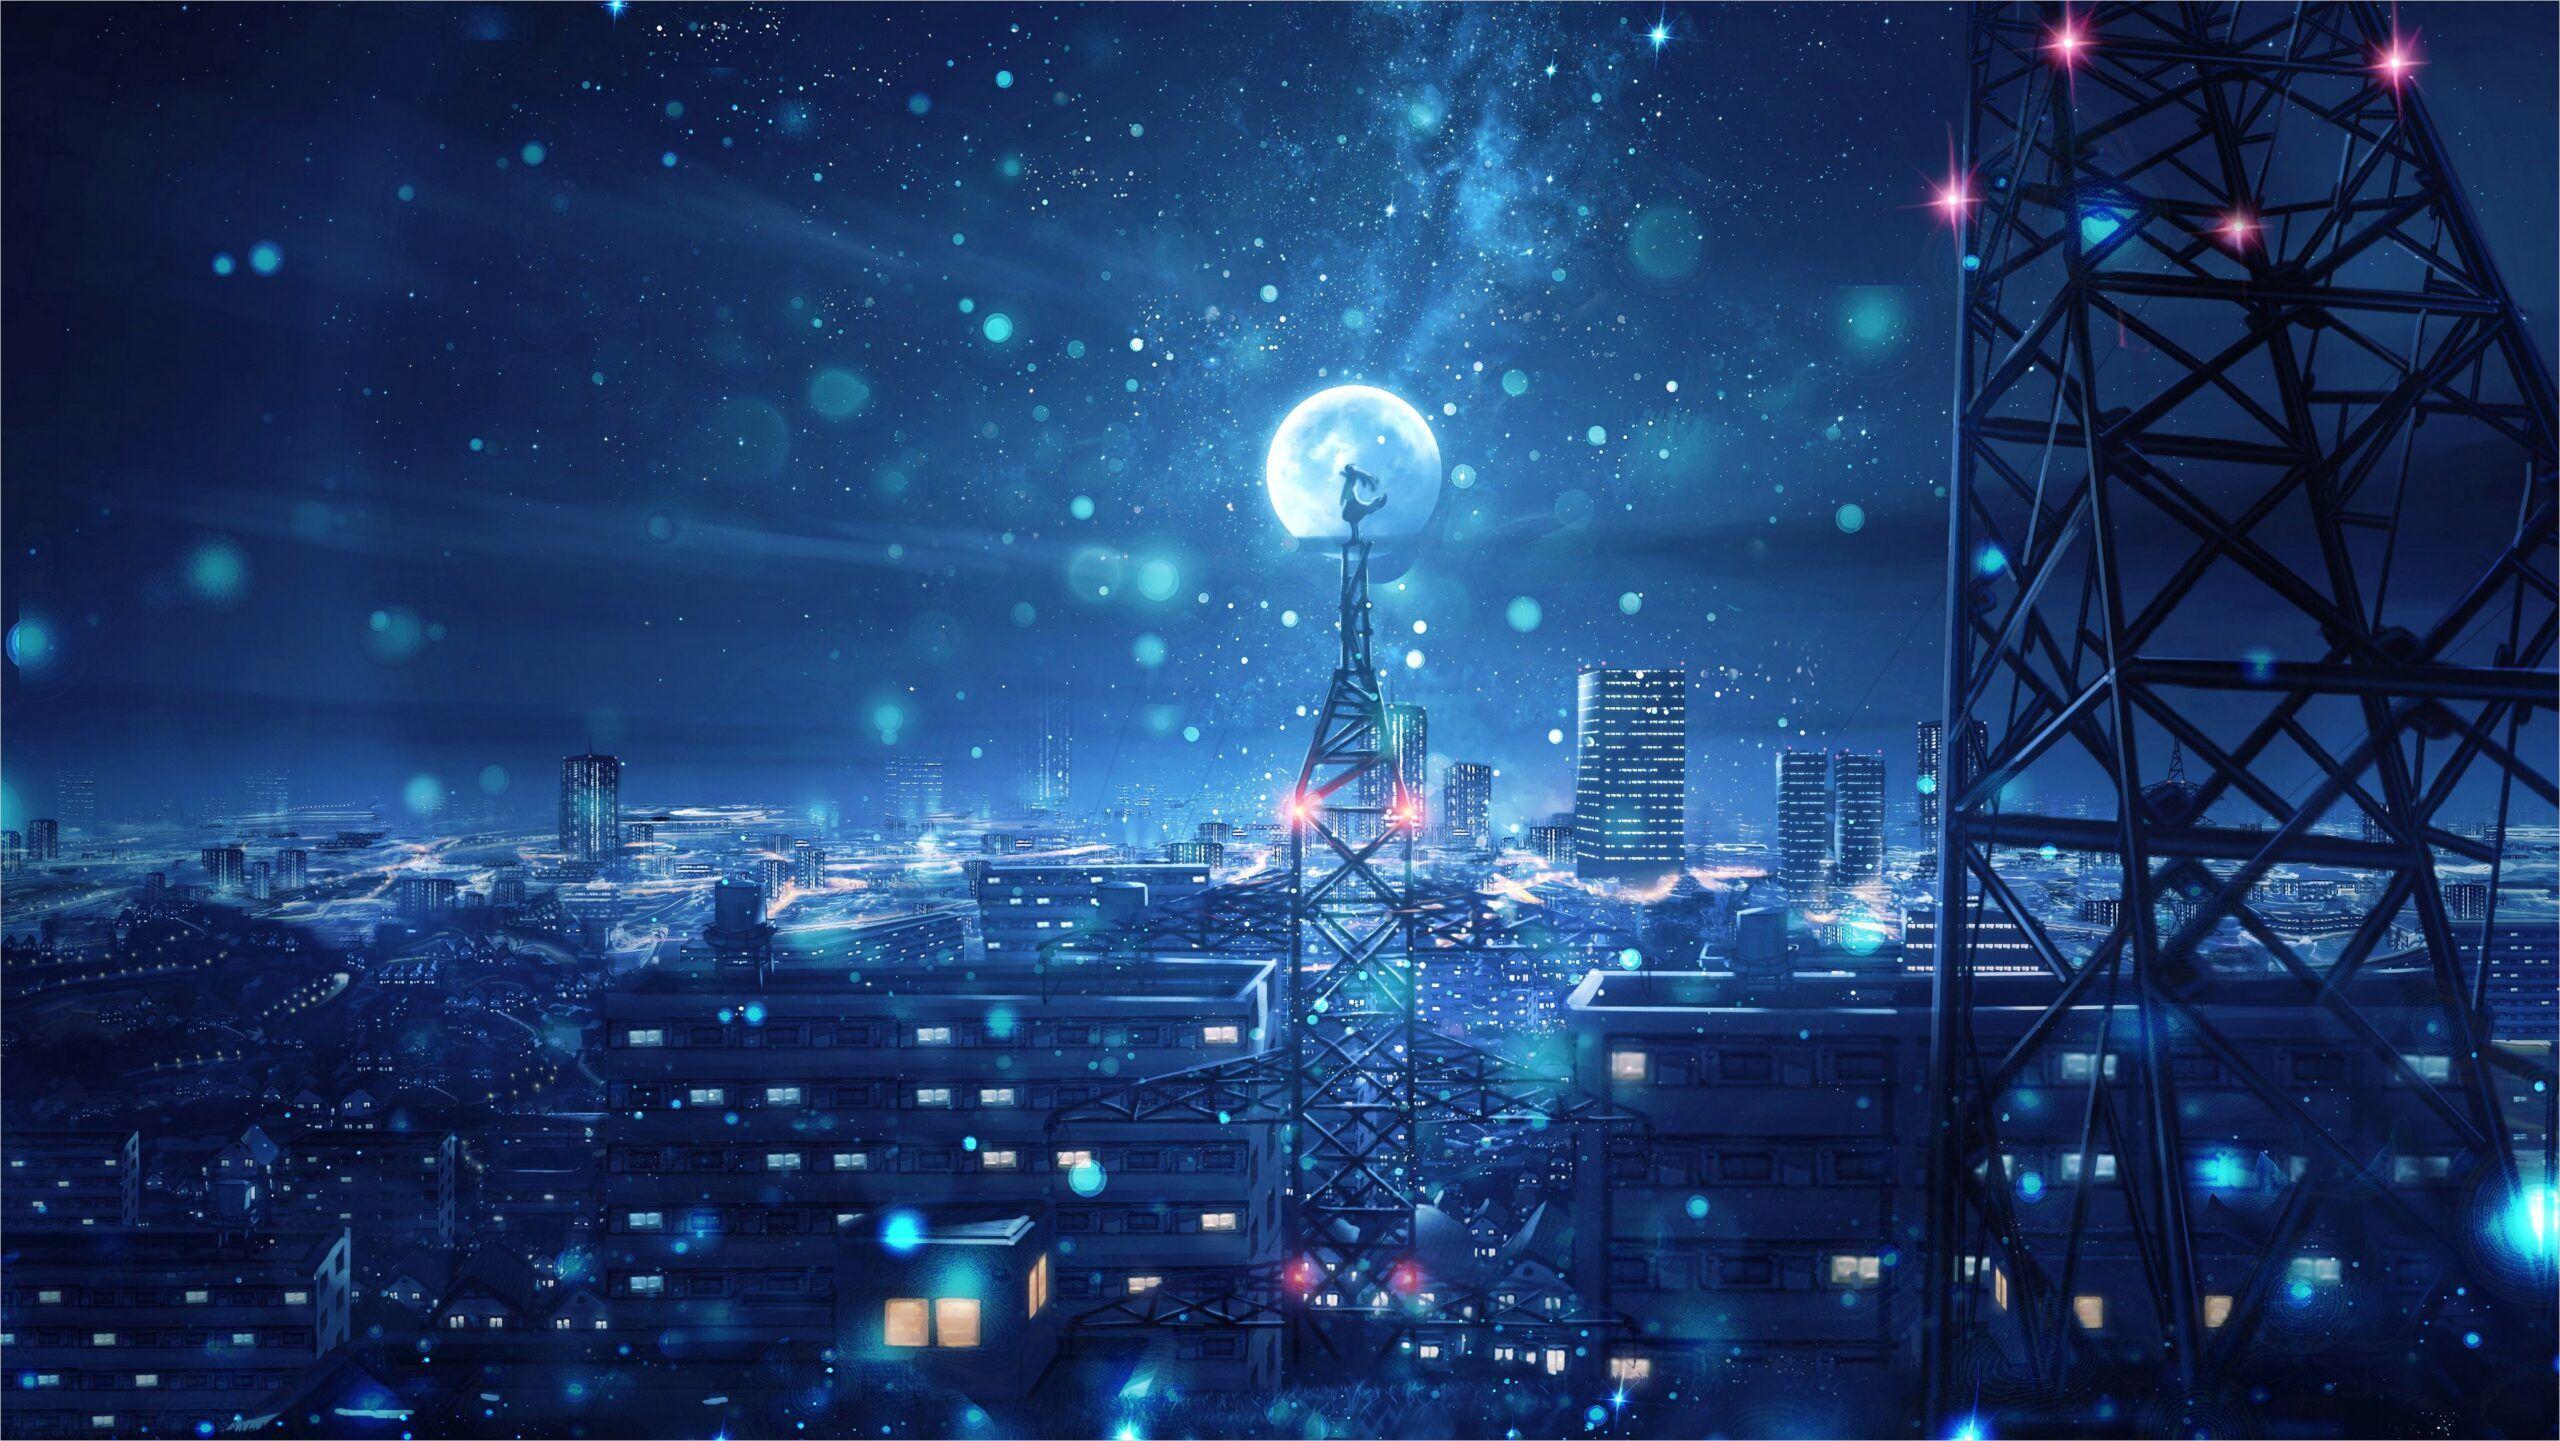 4k Anime Scenery Wallpapers in 2020 Sky anime Night sky 2560x1441